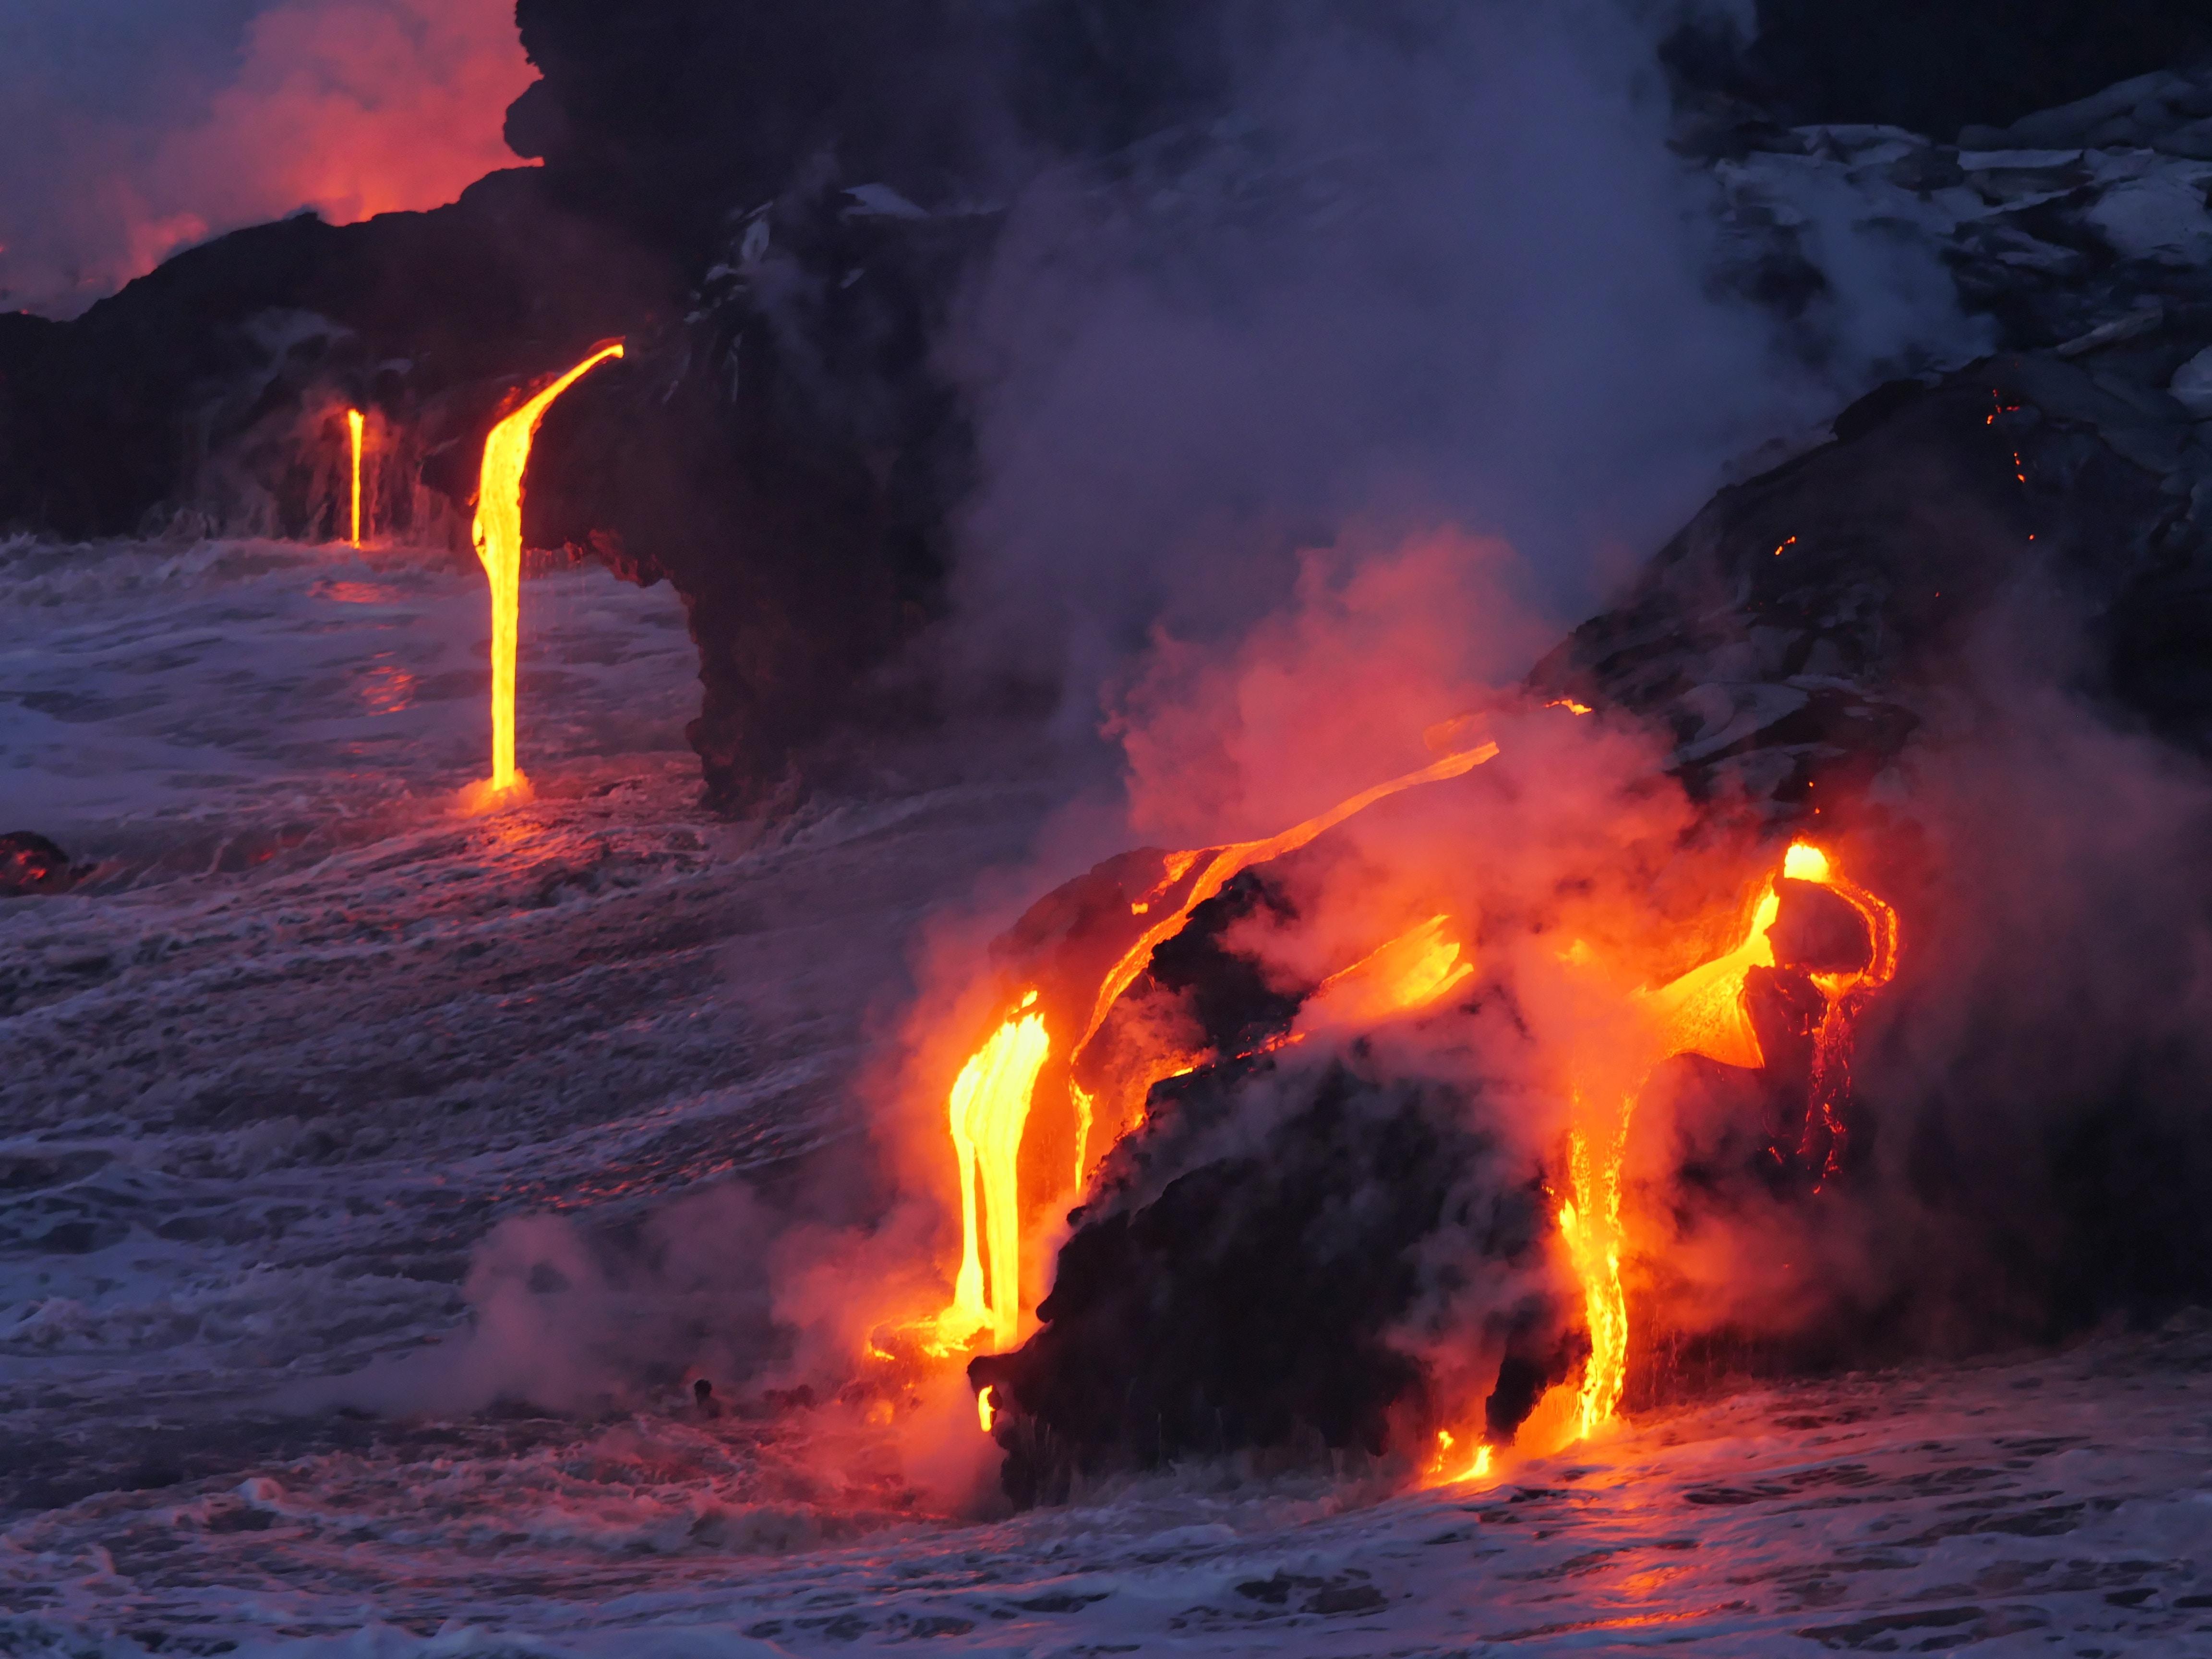 Gefährliche Touristenorte - Vulkane sind nicht nur wegen Lava gefährlich